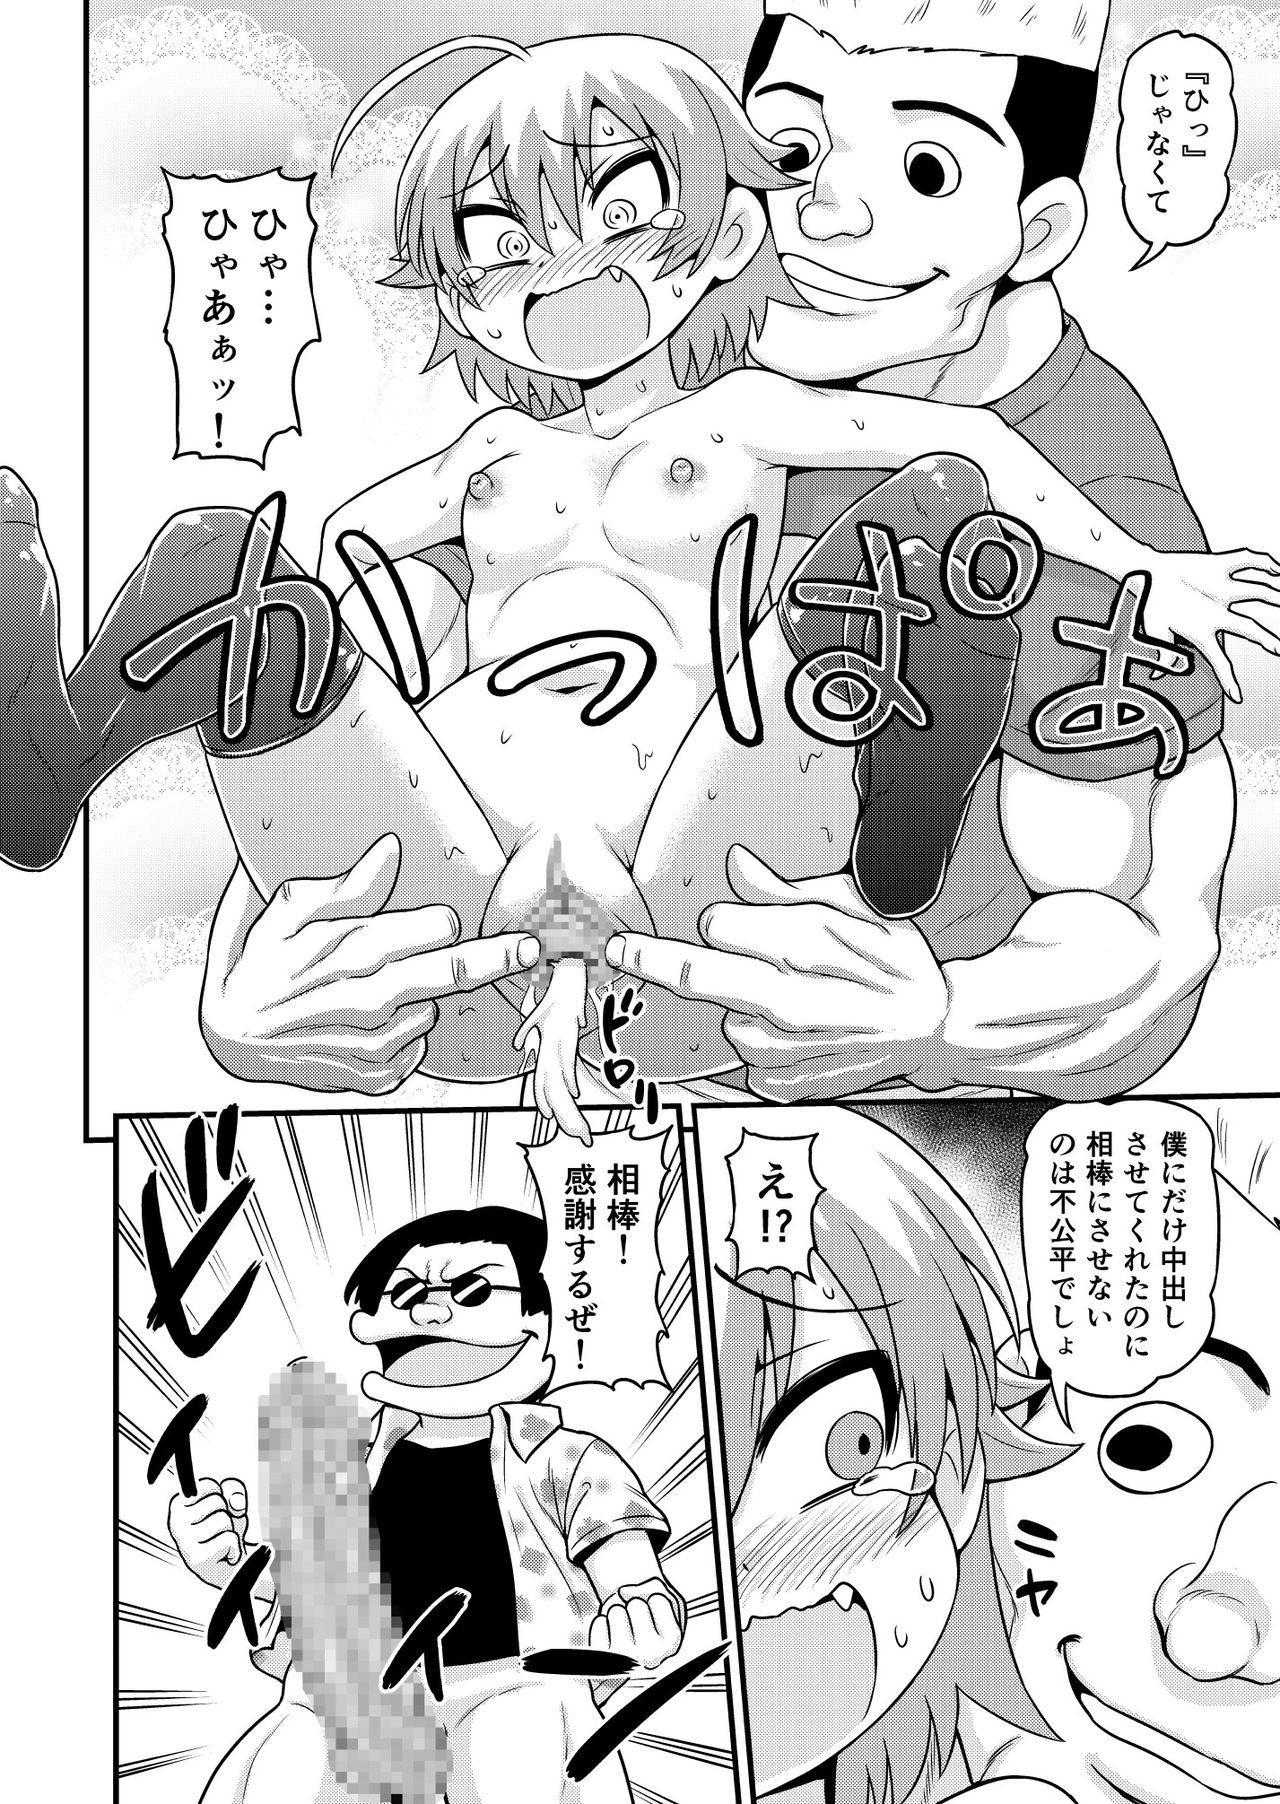 Muryou Esthe to Shoushita Otoko-tachi ni Sadayo ga Namahame Sareru Manga 26